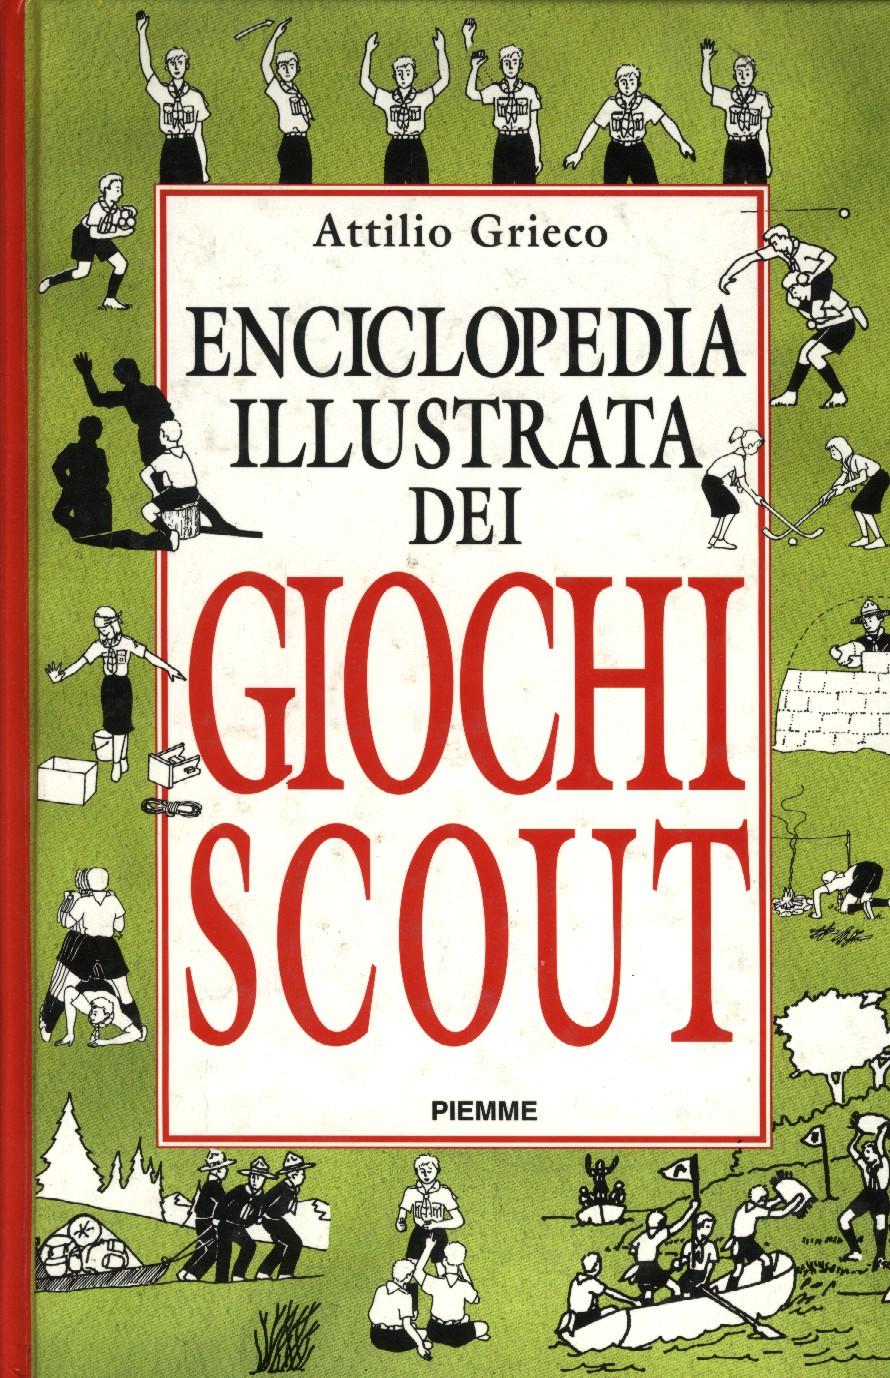 Enciclopedia illustrata dei Giochi Scout